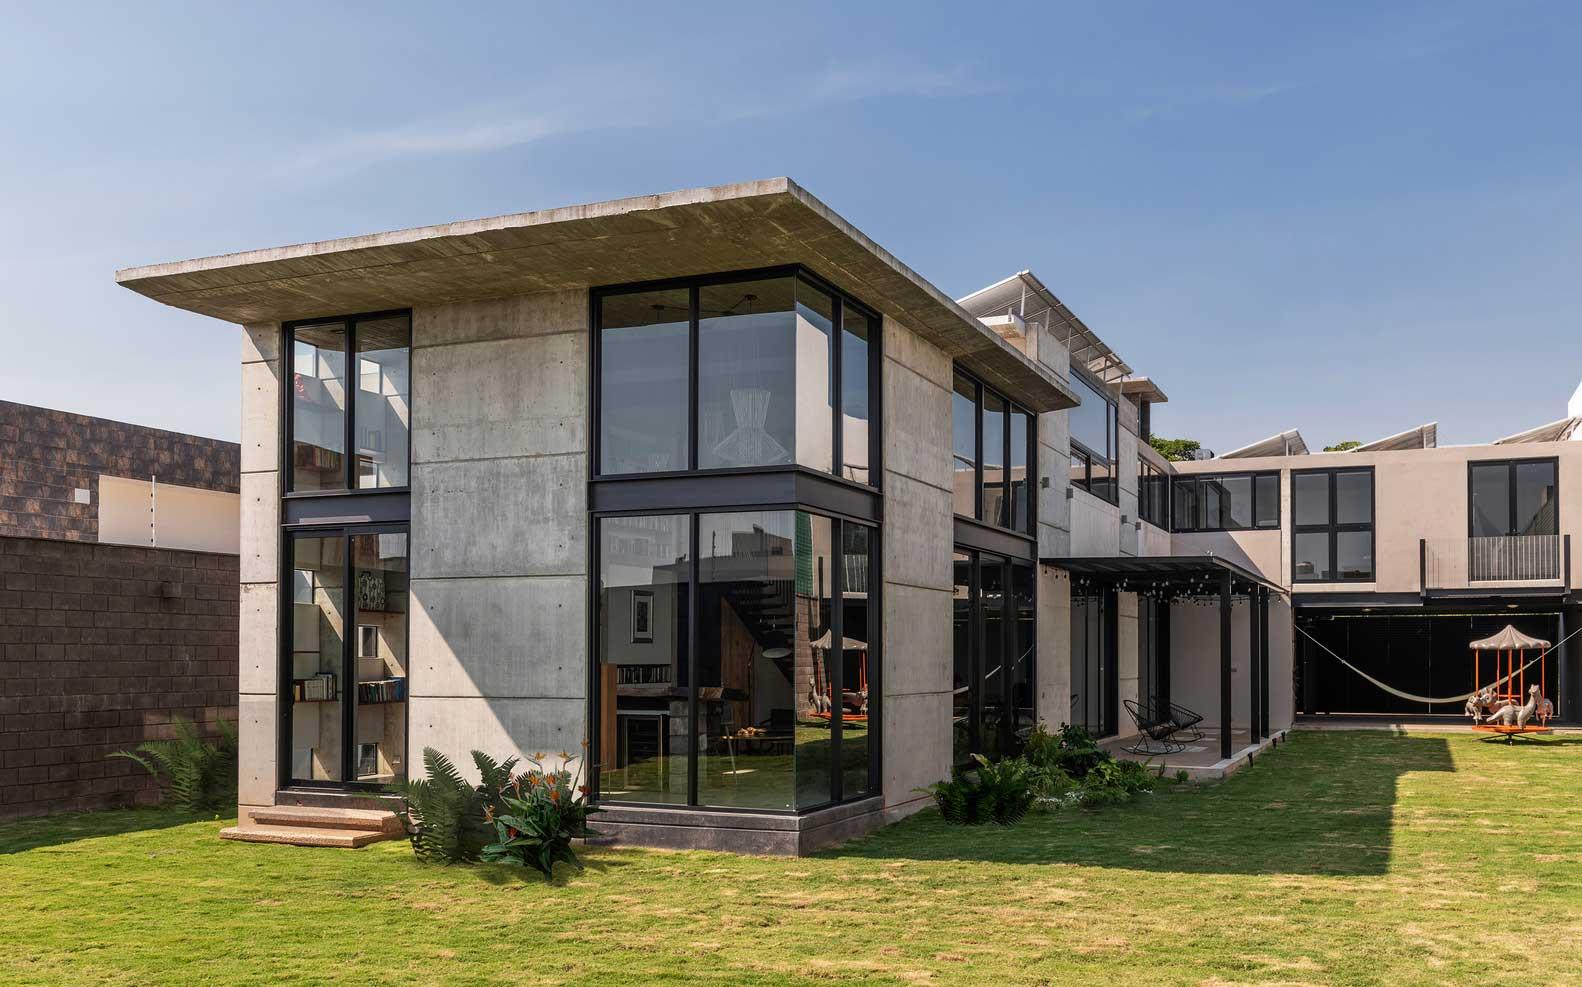 2-х этажный Бетонный дом без отделки стен — Практичный вариант дизайна фасада и интерьера